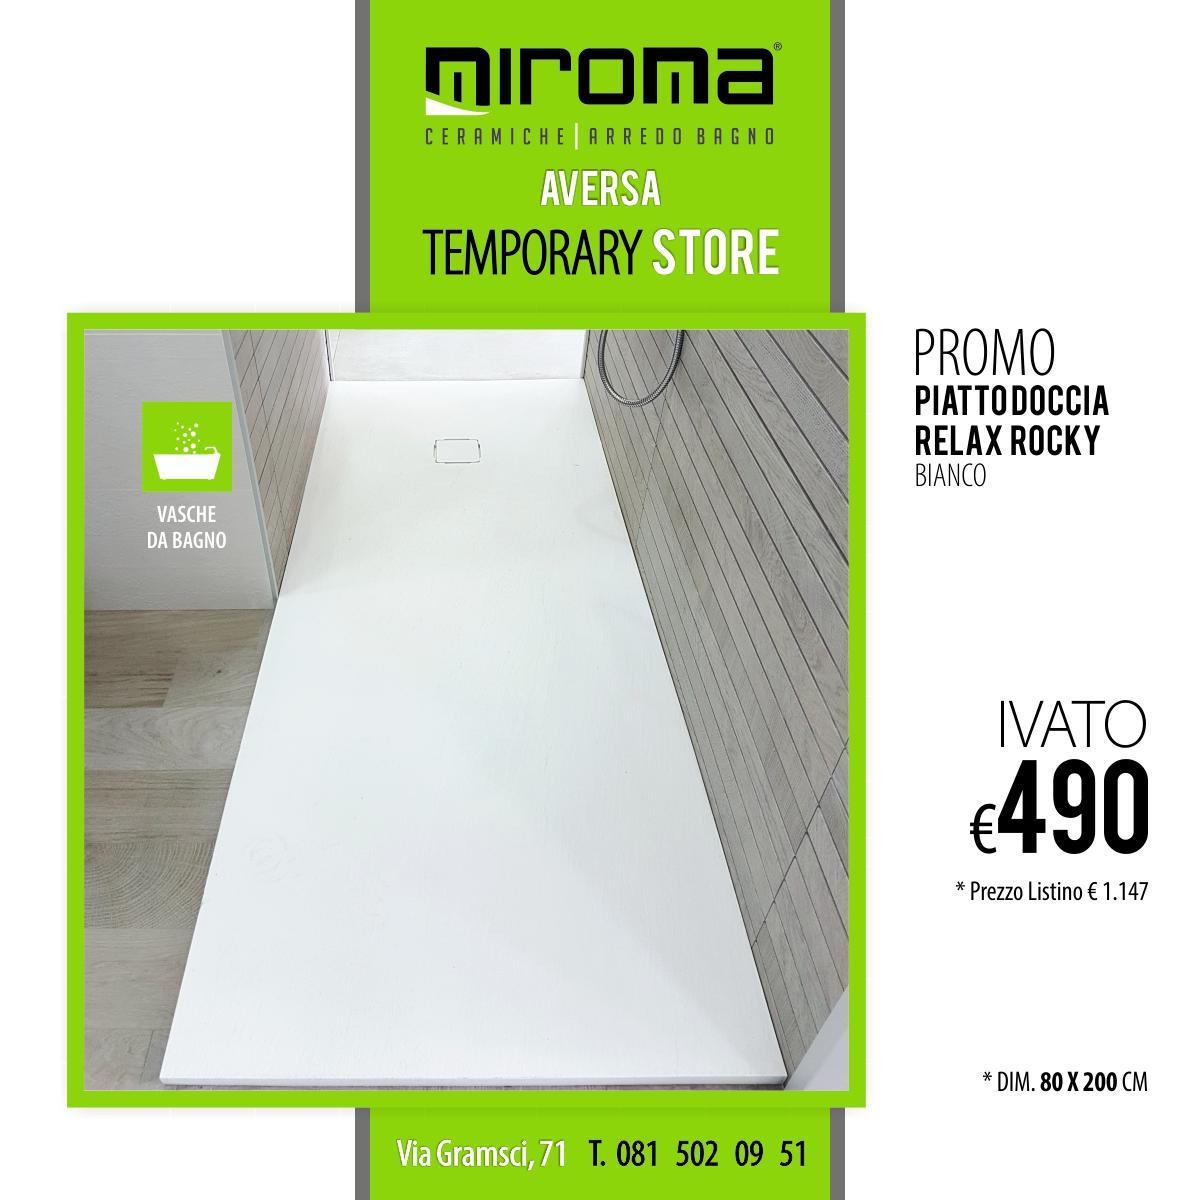 Piatto-Doccia-Relax-80x200-ROCKY